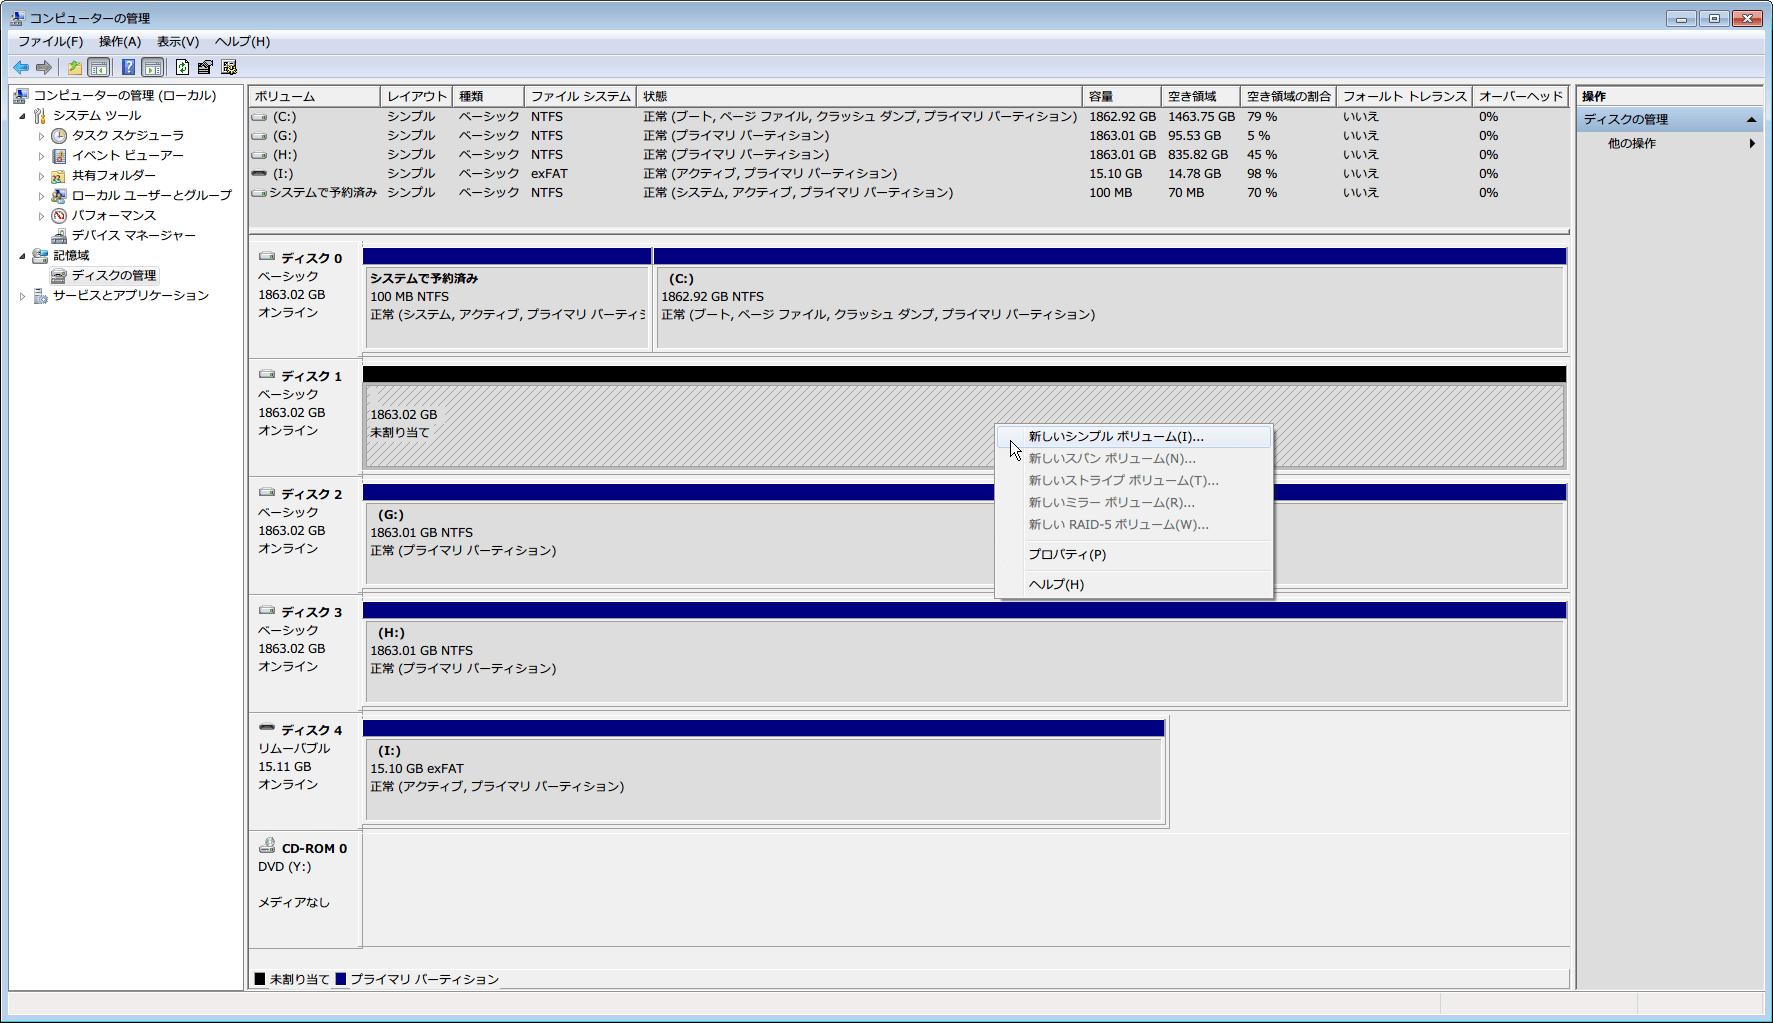 ディスクの管理画面 ディスク 1 に未割り当てと認識された Seagate 2TB ハードディスク ST2000DM001/EWN、未割り当てのところをクリックすると斜線表示になり選択状態になる。右クリックから新しいシンプルボリュームをクリック